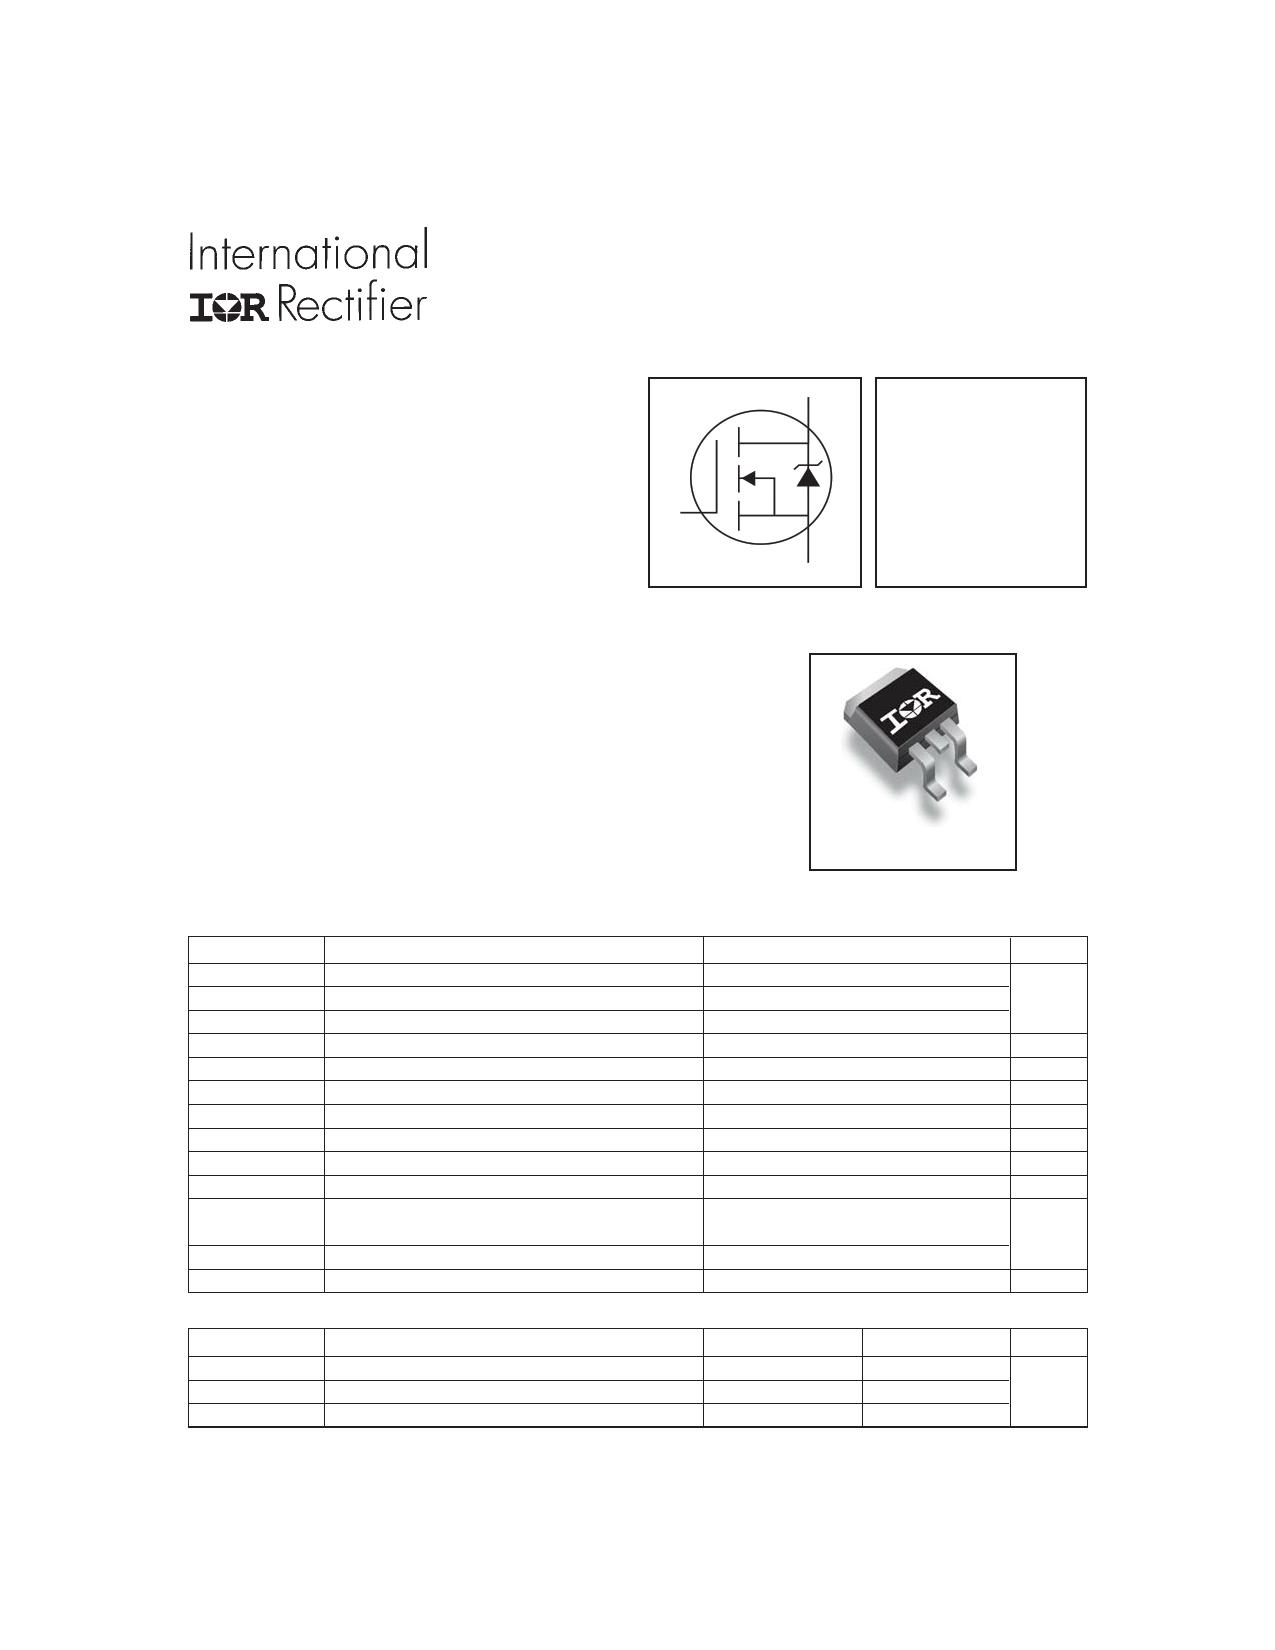 IRFZ48VSPBF Datasheet, IRFZ48VSPBF PDF,ピン配置, 機能